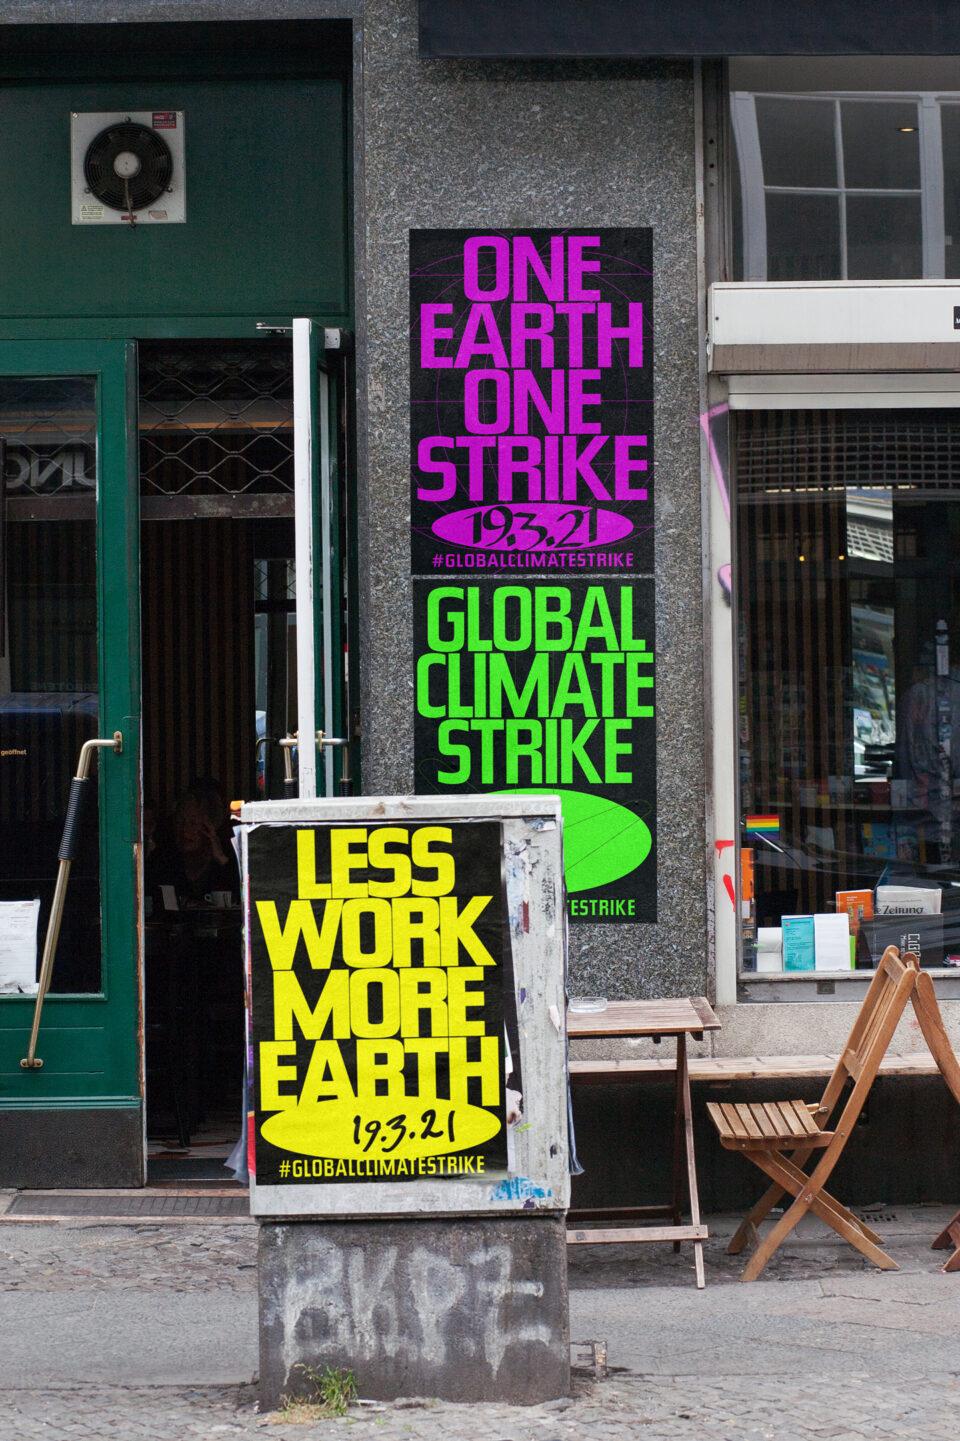 Büro Gestalten: Open Source Poster-Design zum selbst ausdrucken und individualisieren für #globalclimatestrike (3 Motive Straßen-Mockup, hochformatig)